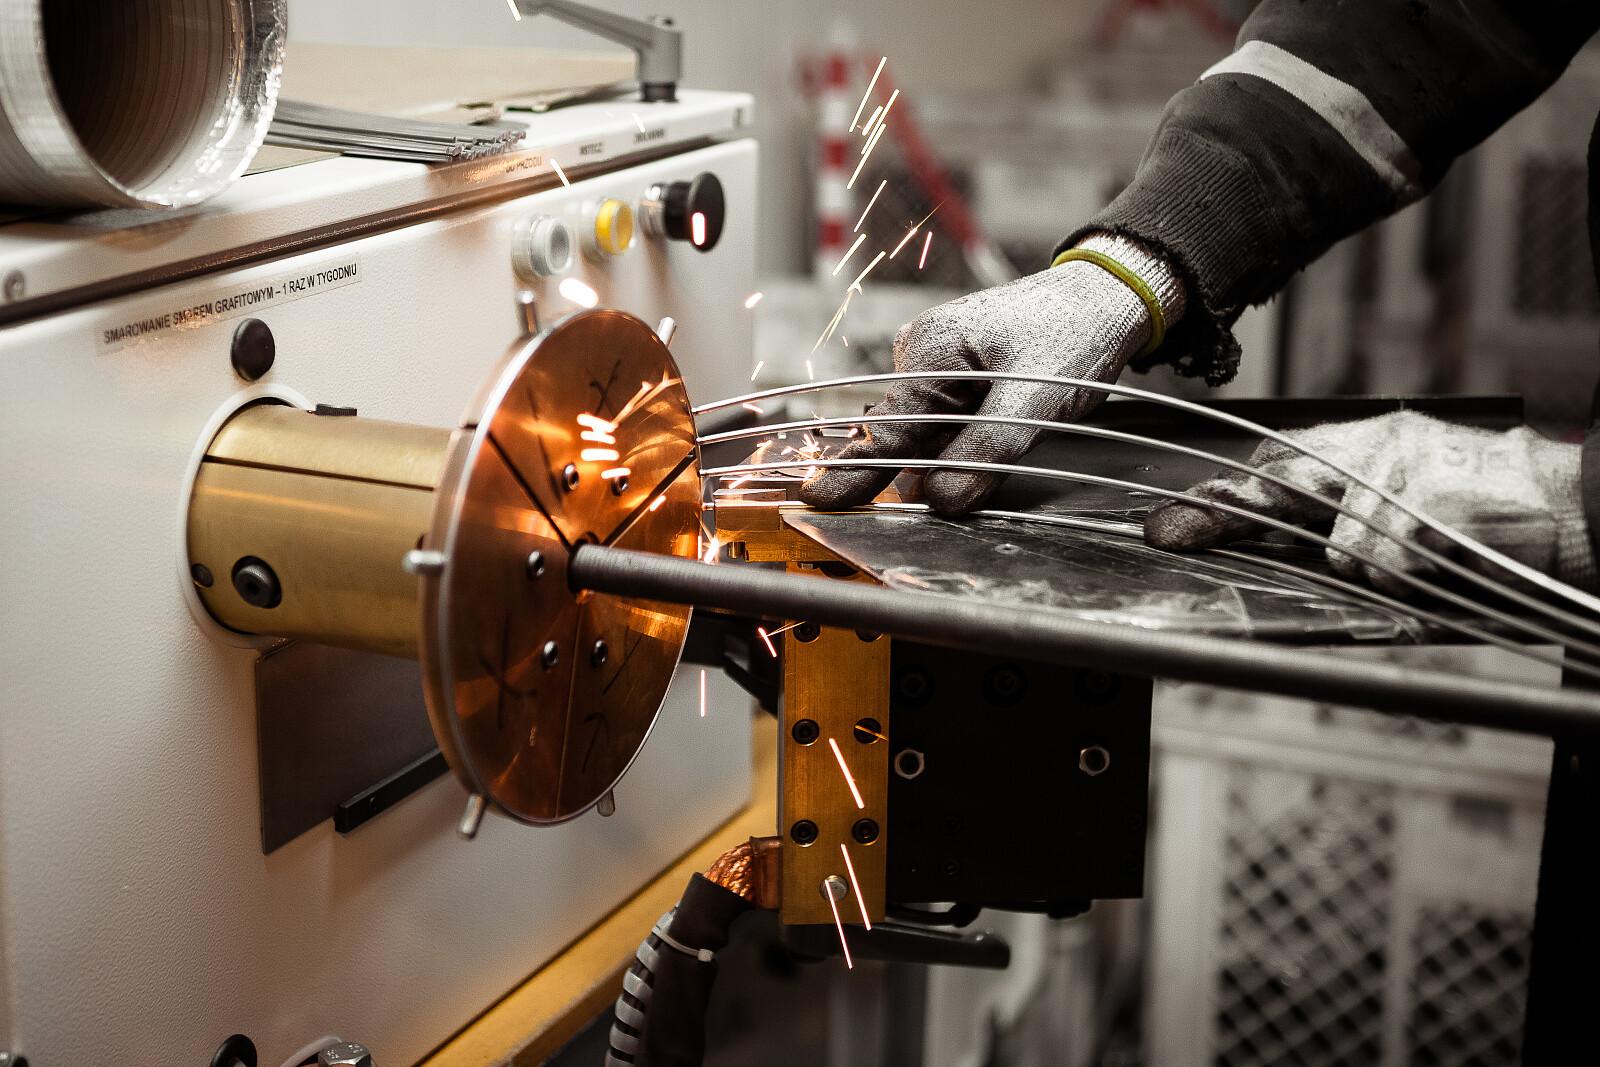 Nowodvorski-Lighting-Production-Plant-Polish-Manufacturer-1.jpg [13.00 MB]